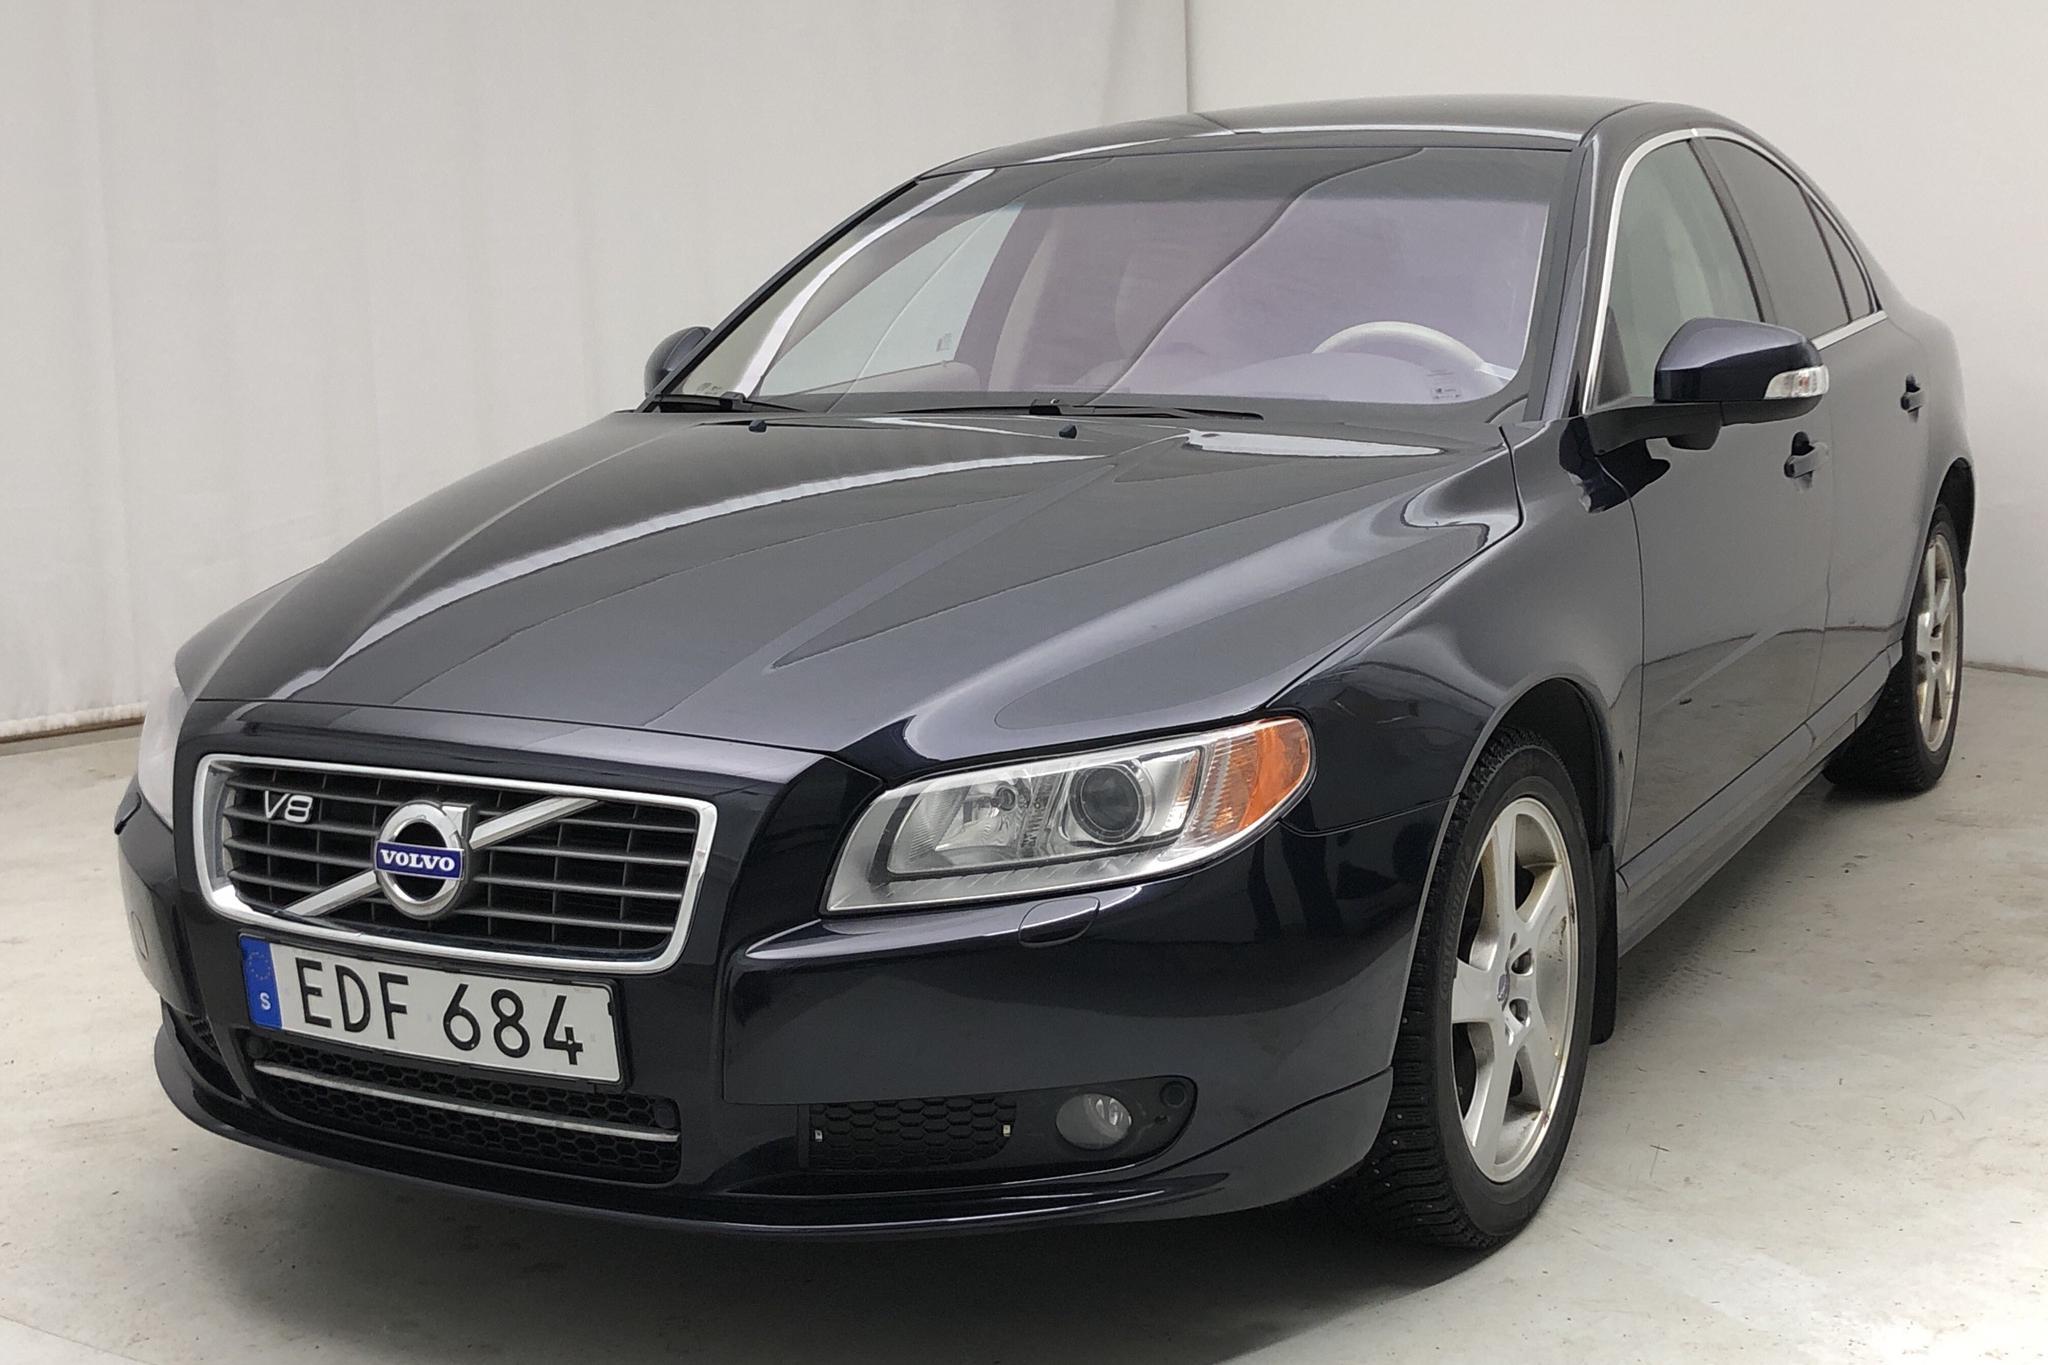 Volvo S80 V8 AWD (315hk) - 207 500 km - Automatic - blue - 2008